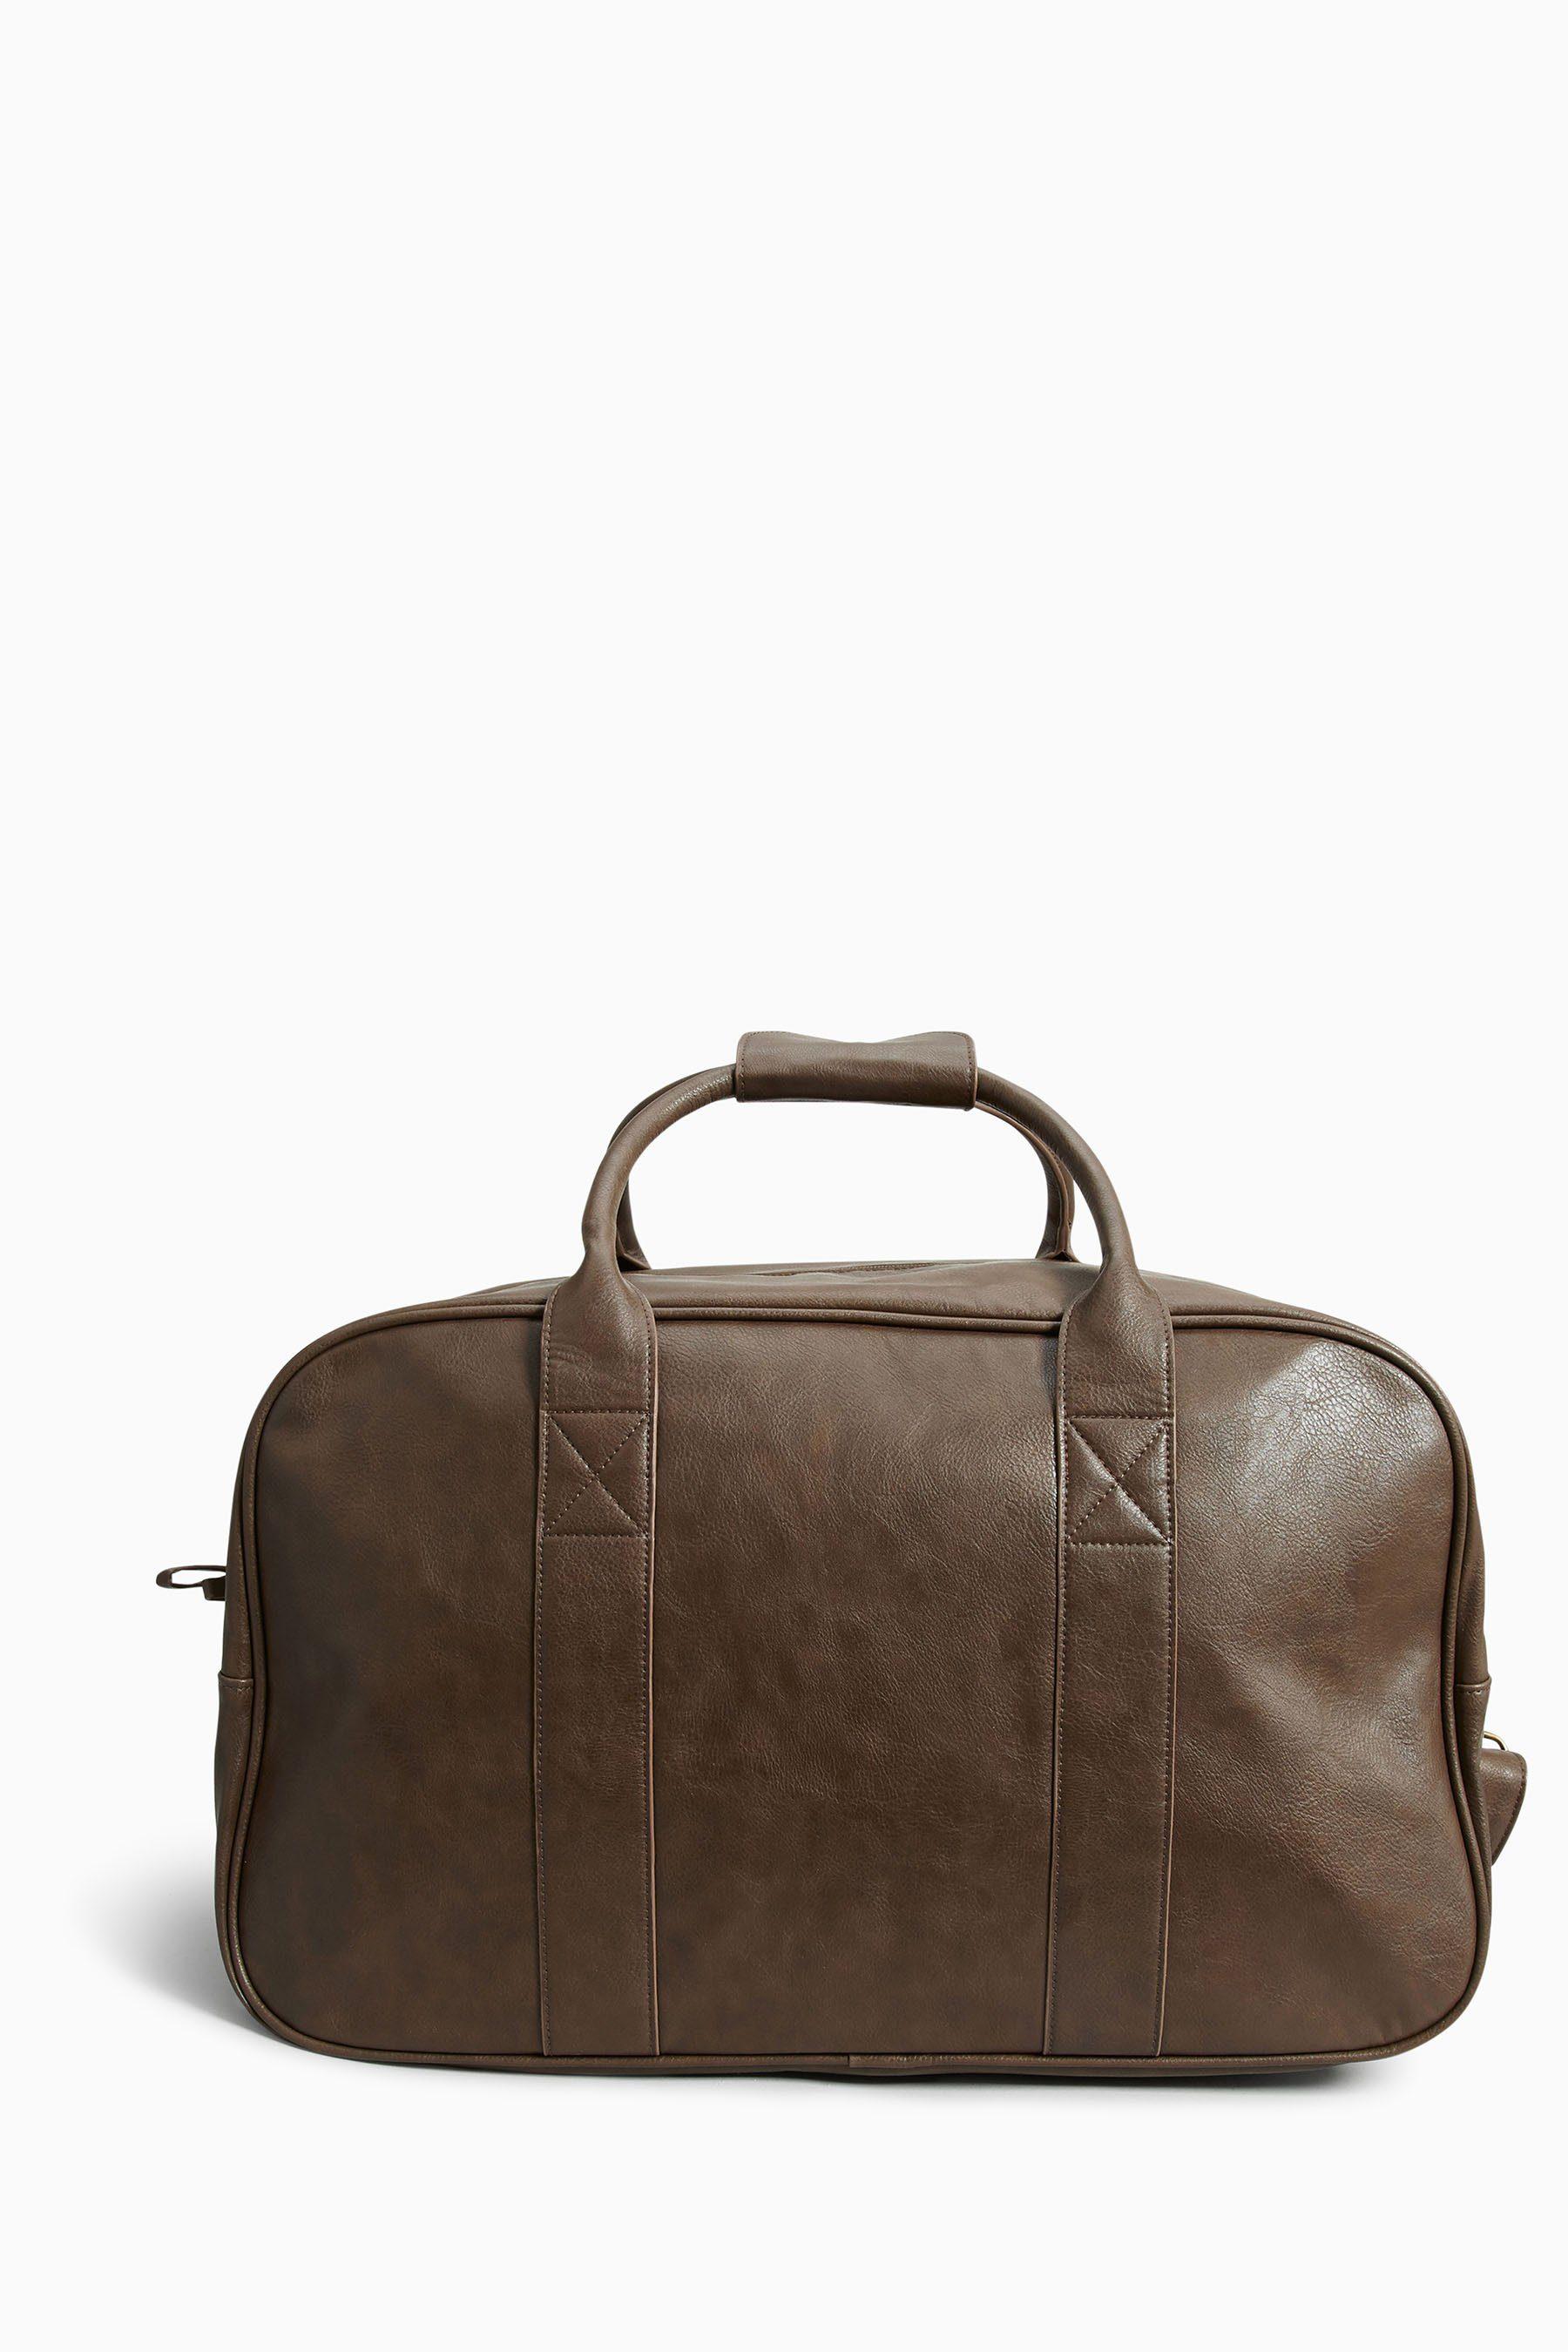 Next Reisetasche